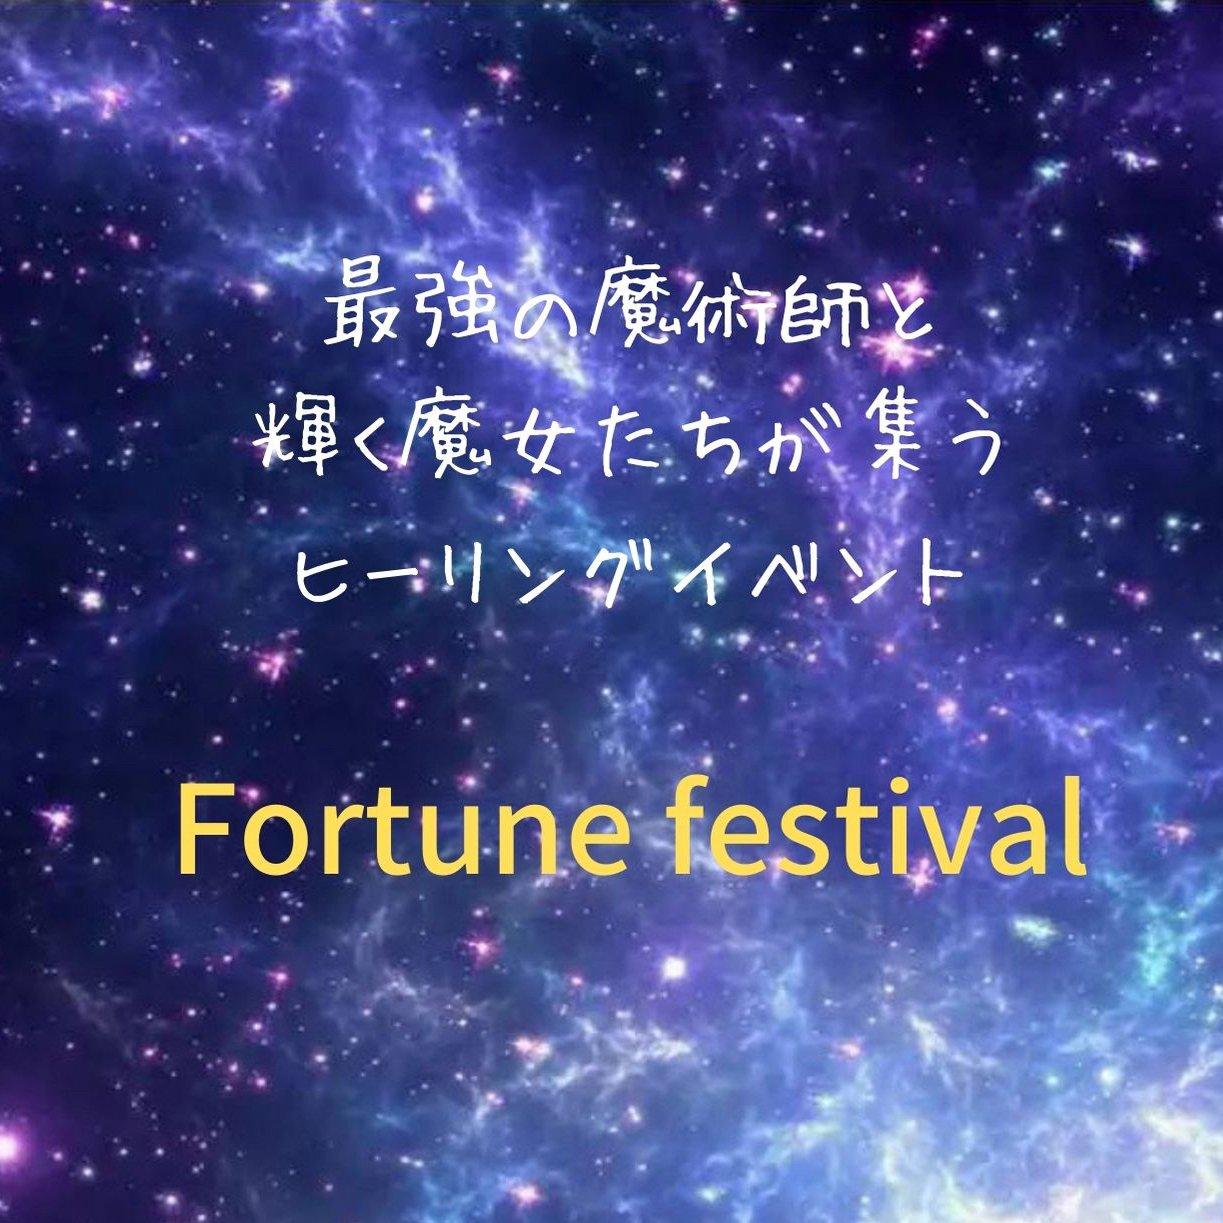 【第1部】◆当日現金払い◆ 最強の魔術師と輝く魔女たちが集うヒーリングイベント Fortune Festival 入場料のイメージその1